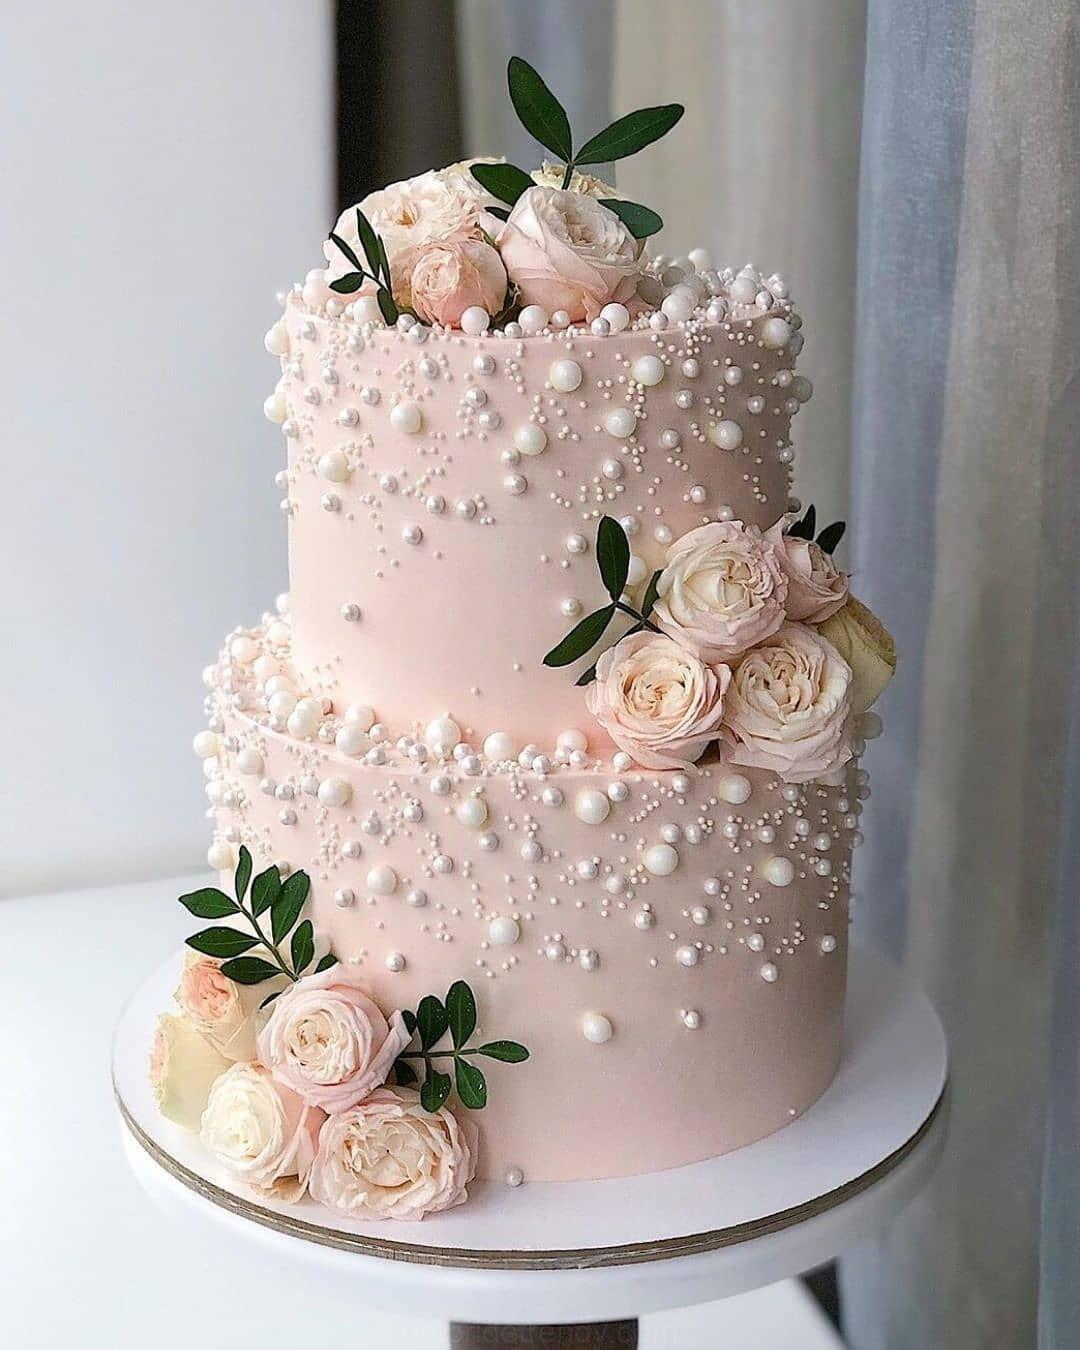 """Die mi-Liste auf Instagram: """"Hier ist eine ziemlich Kuchen inspo für Ihre Hochzeit. Lieben die Perlen und f…"""